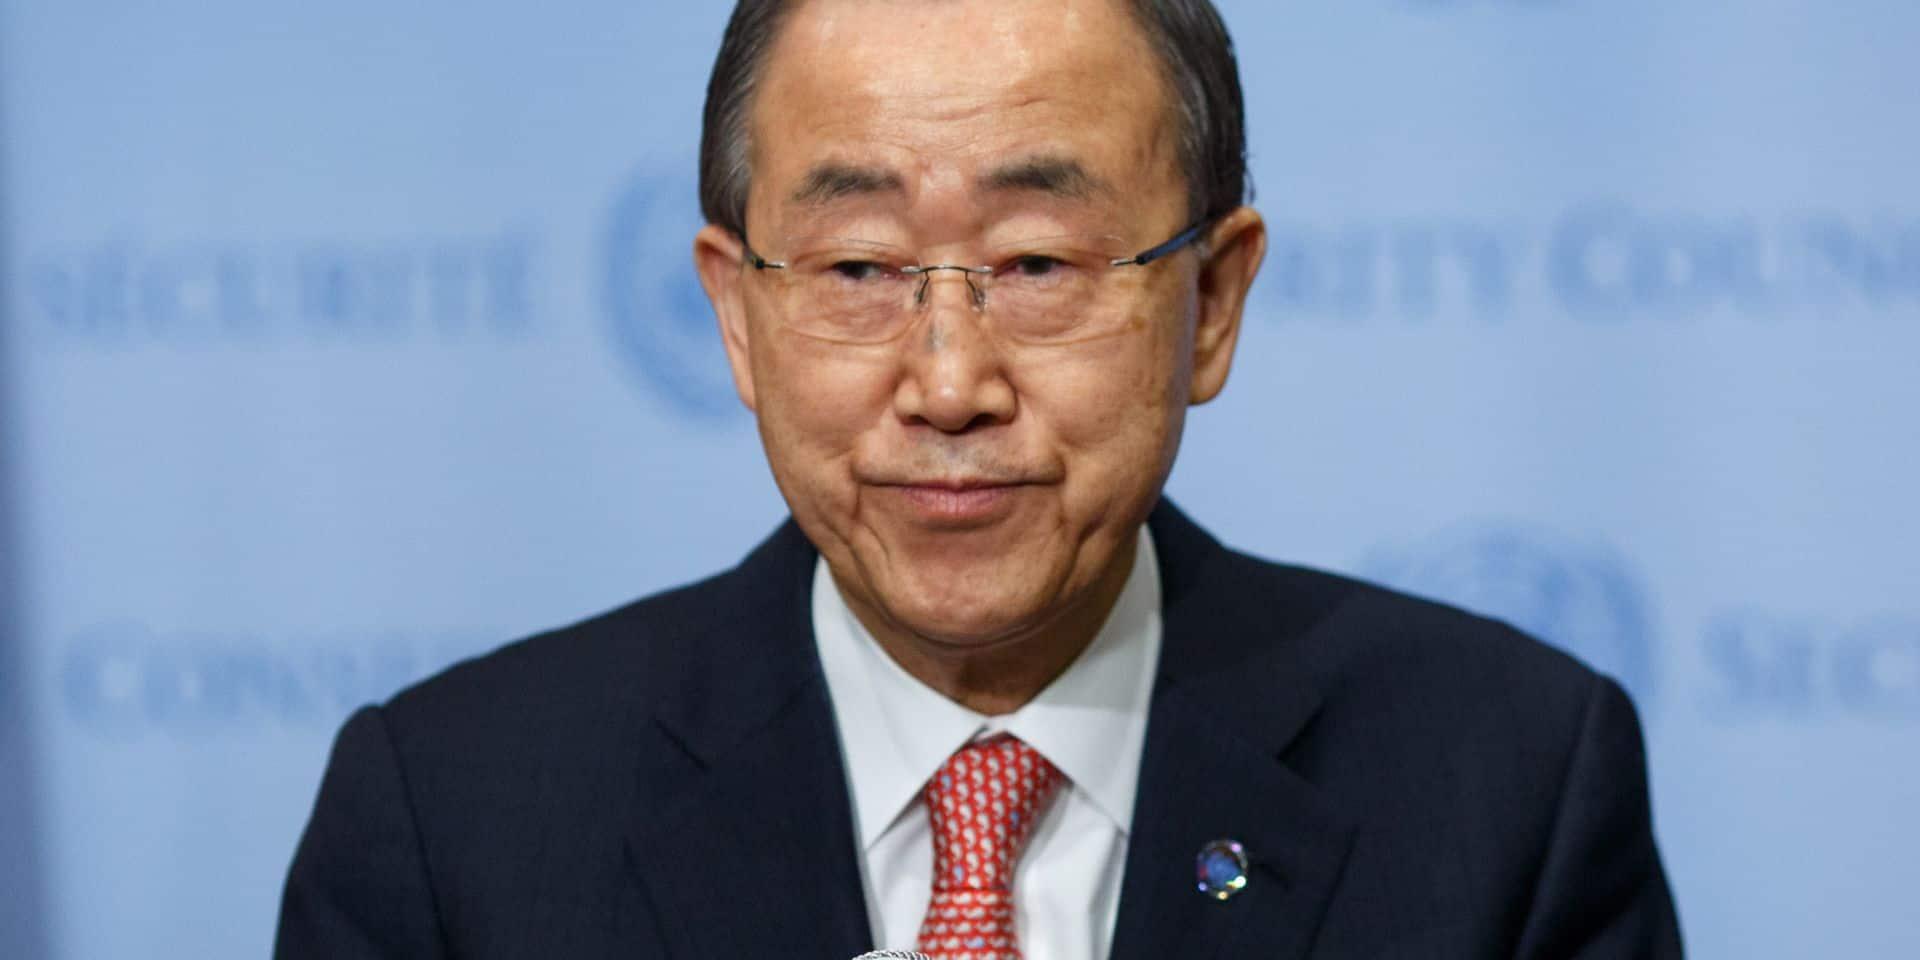 """Le monde a atteint """"un point de non retour"""" en matière de changement climatique, avertit Ban Ki-moon"""